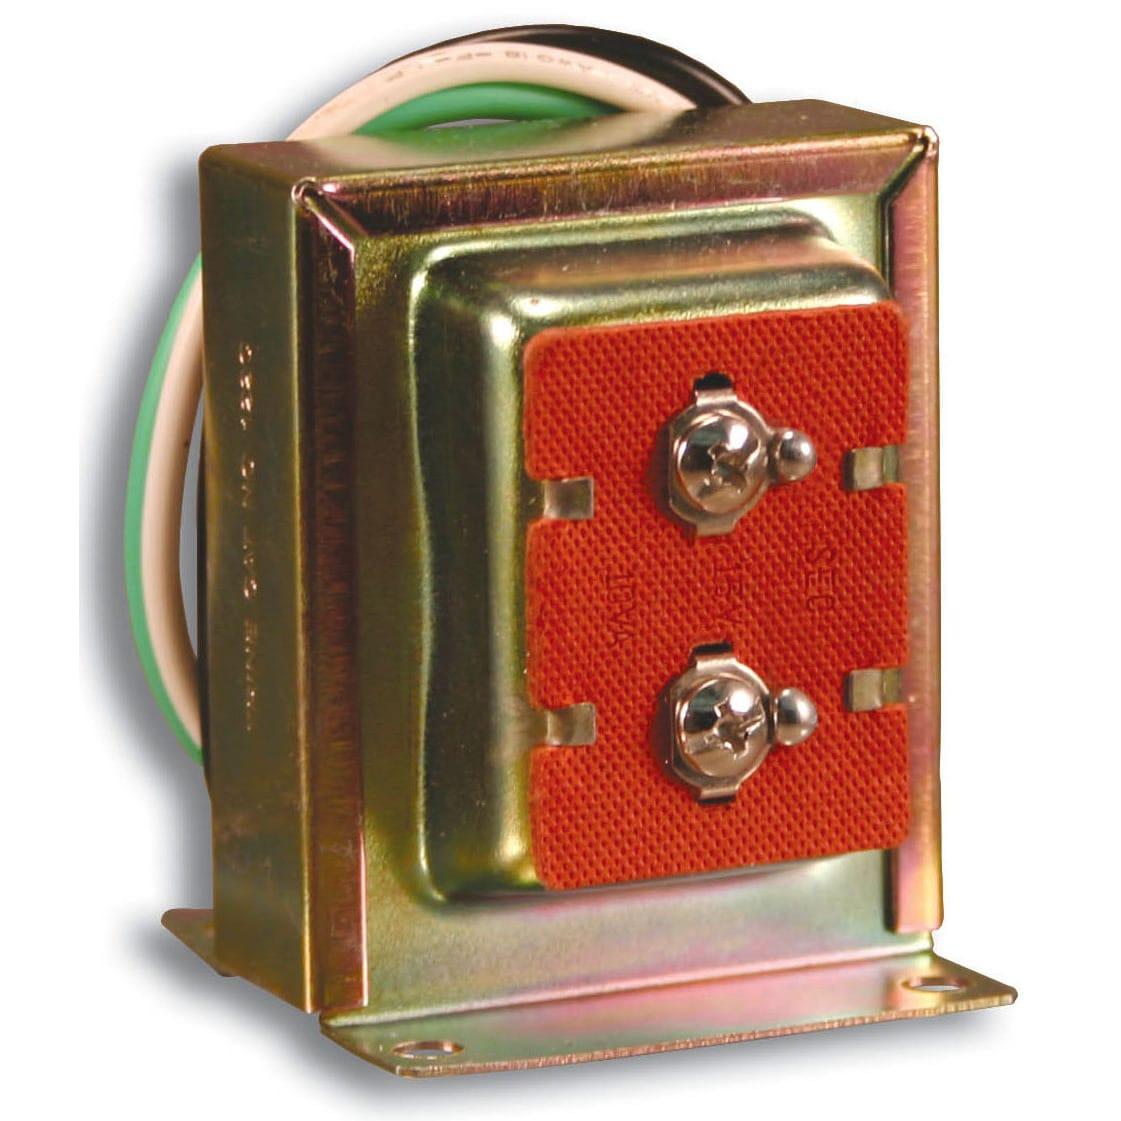 HeathCo Transformer Wired 16V 10W SL-122-01